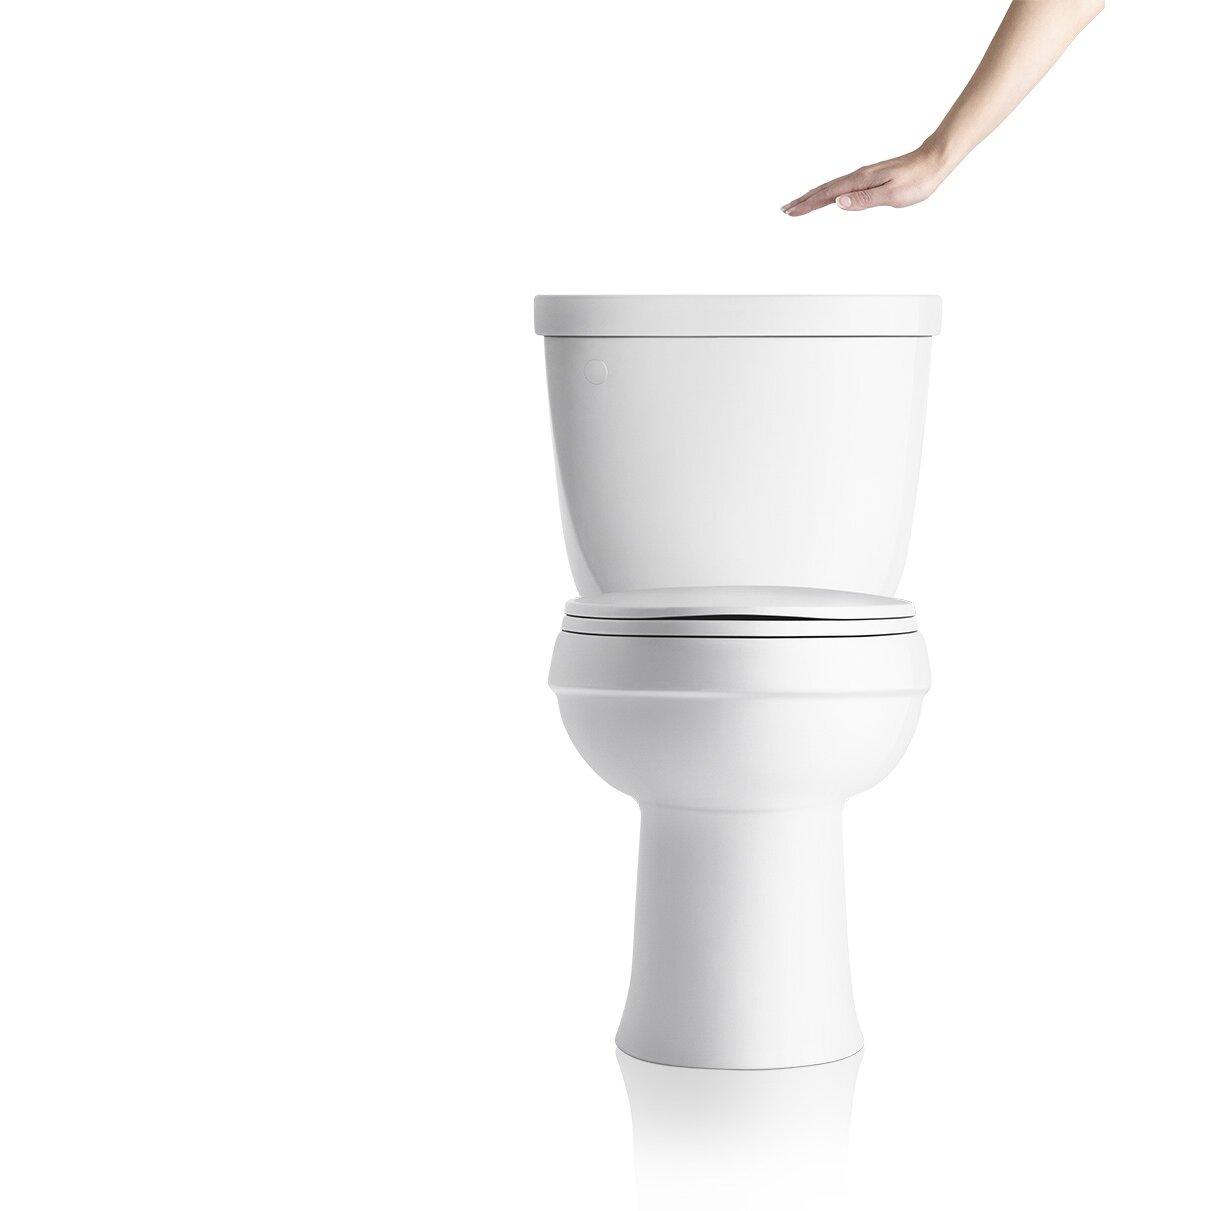 Kohler Toilets Reviews : Kohler Touchless Toilet Flush Kit & Reviews Wayfair